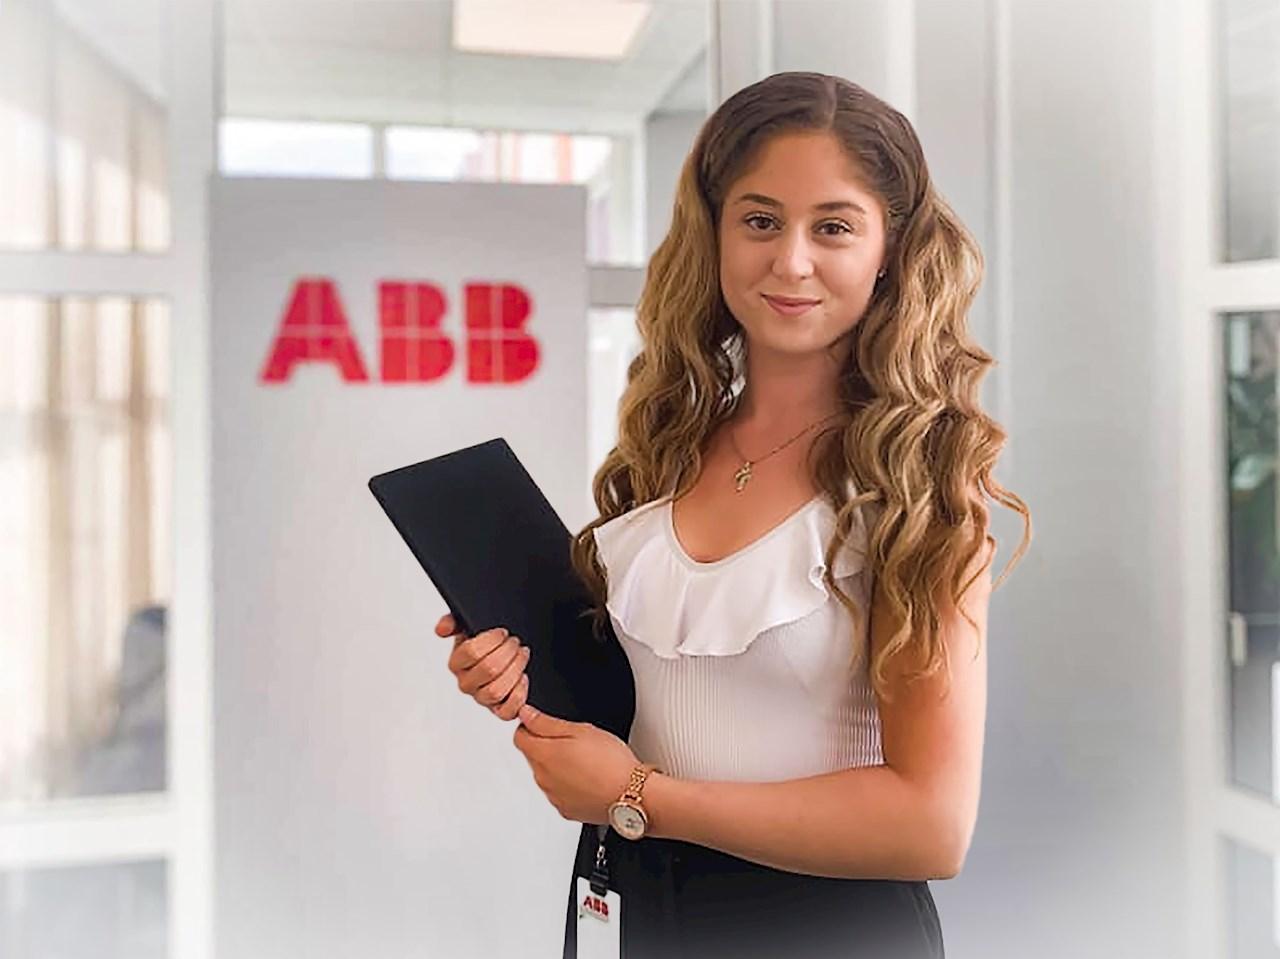 För tredje sommaren i rad sommarjobbar Alexandra på ABB Robotics i Västerås